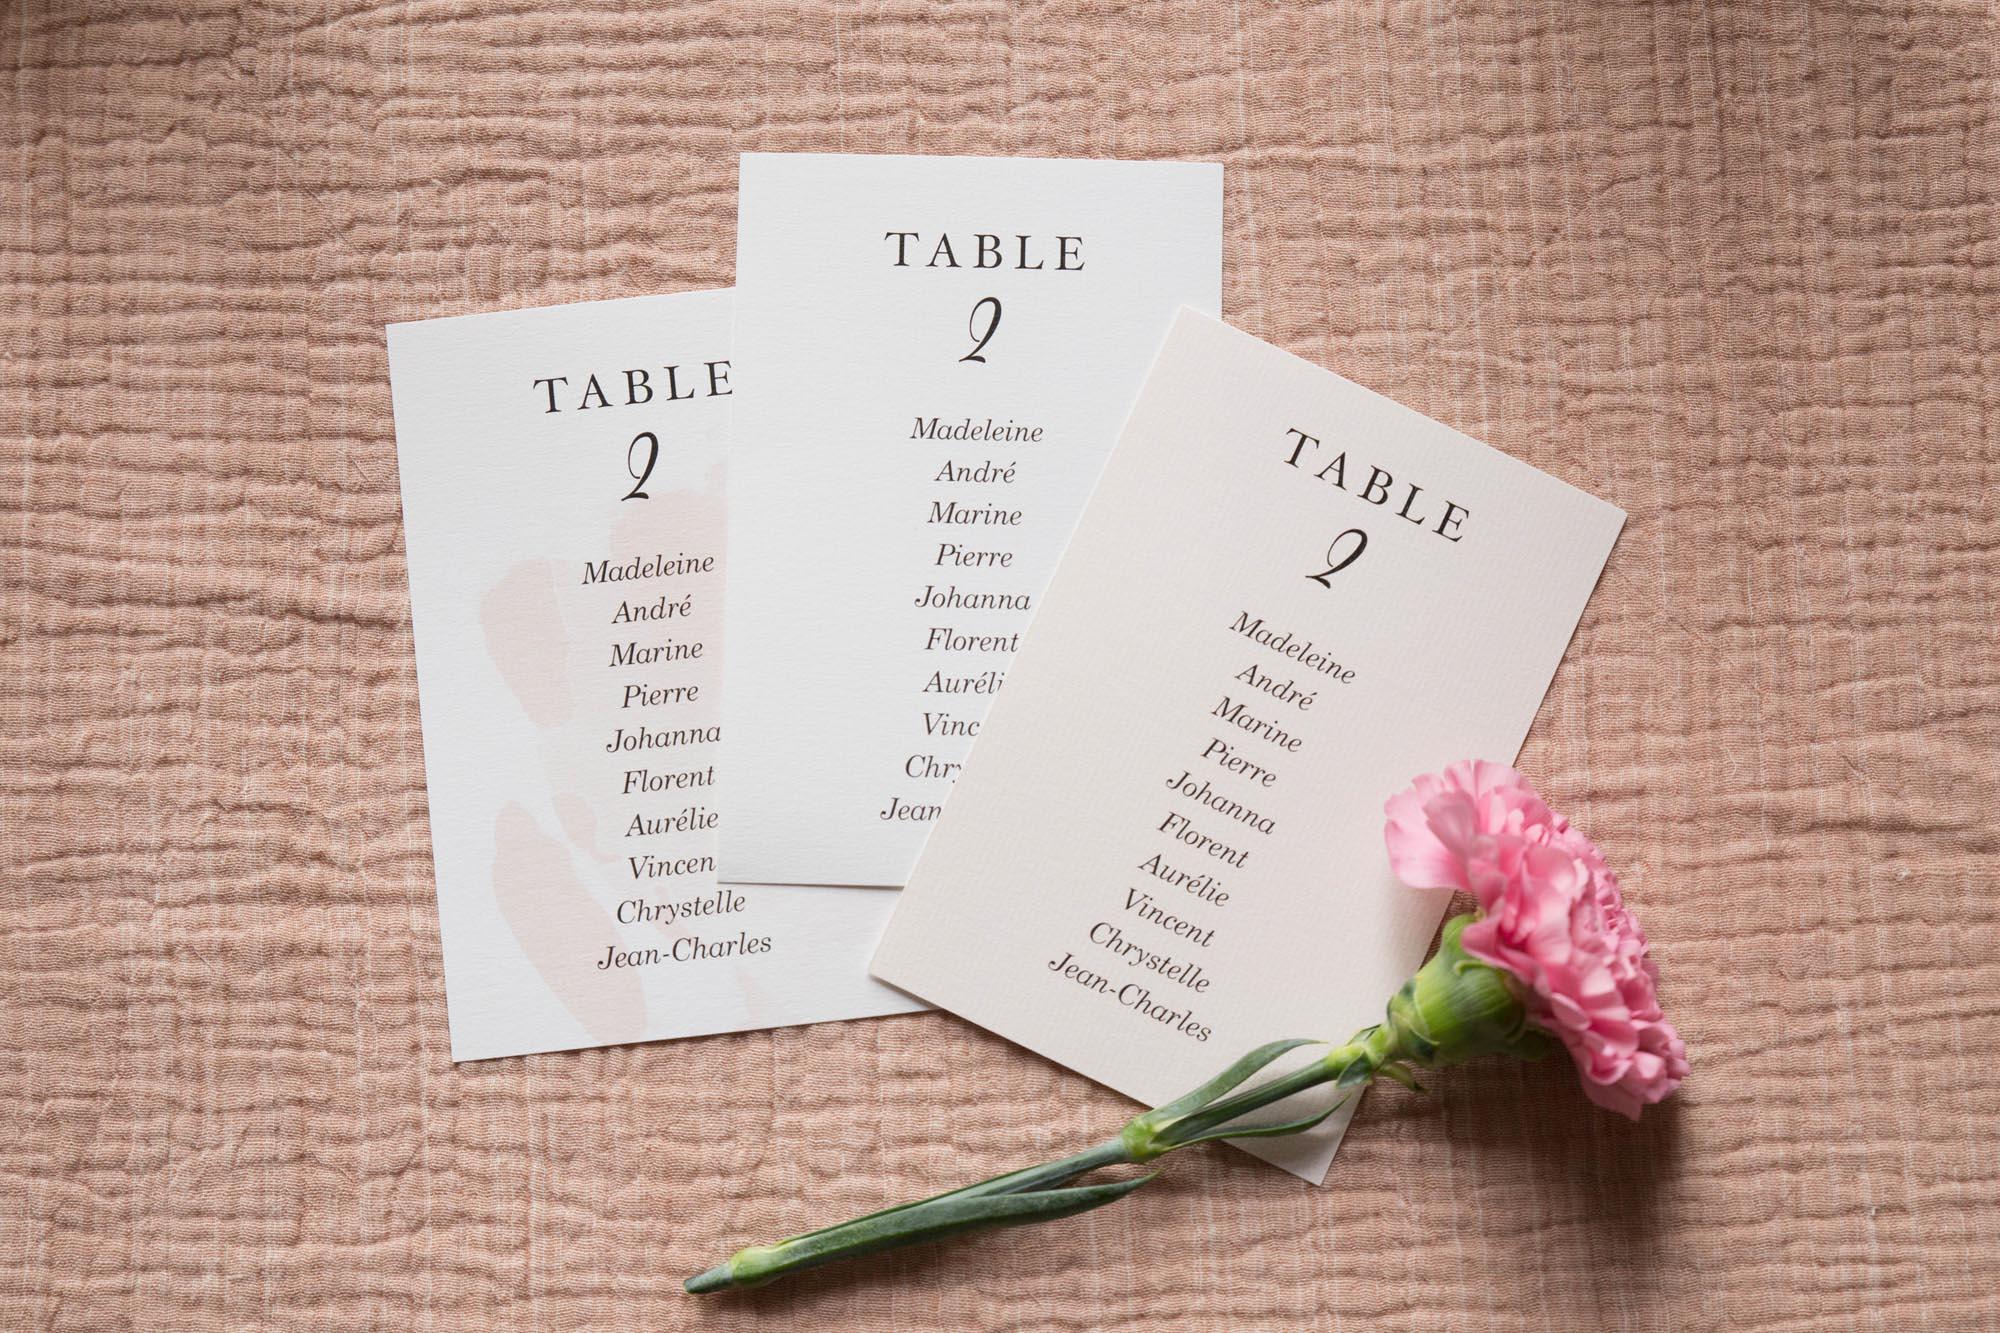 Plan de table invités mariage collection Blush couleurs rose, rose poudré, rose clair, blanc, mariage thèmes doux, romantique